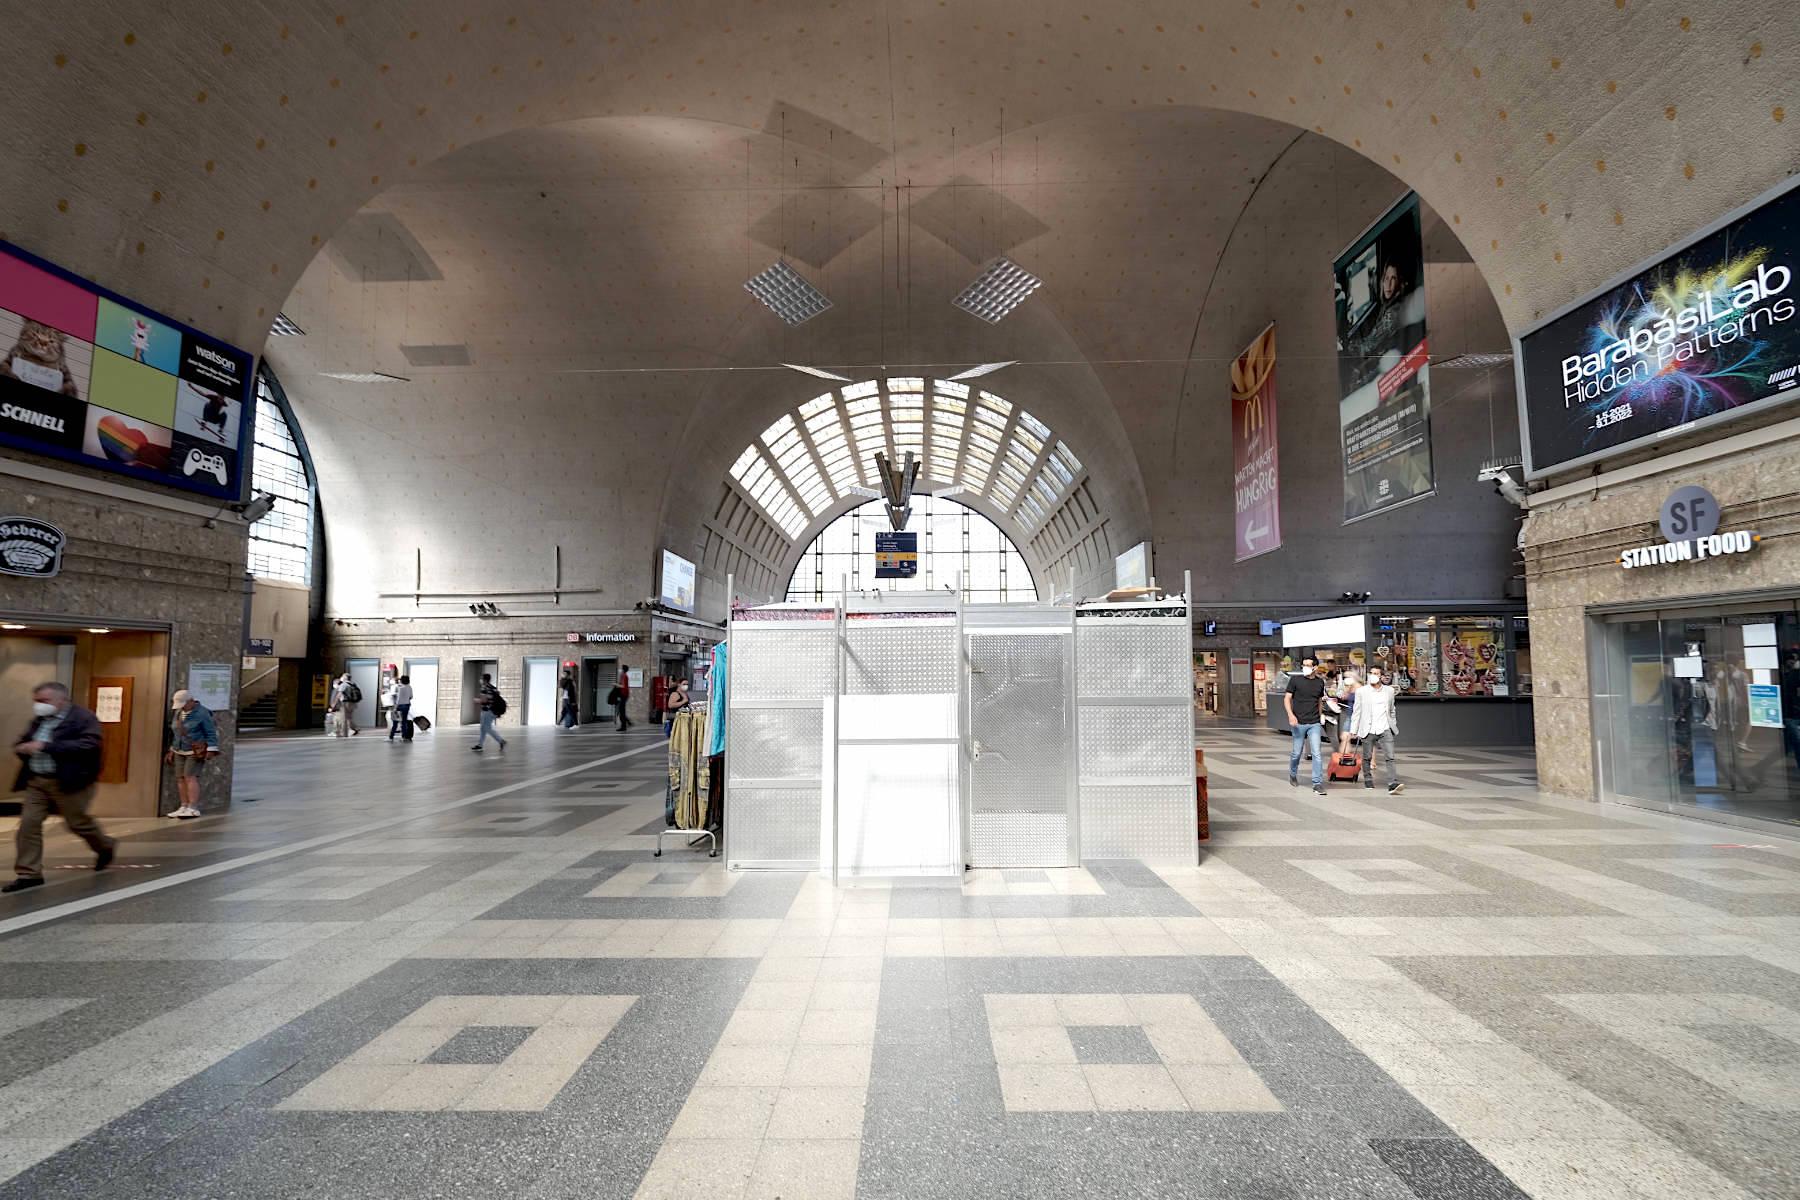 Hauptbahnhof. Die imposante Haupthalle weist sowohl klassizistische als auch Merkmale des Jugendstils auf.